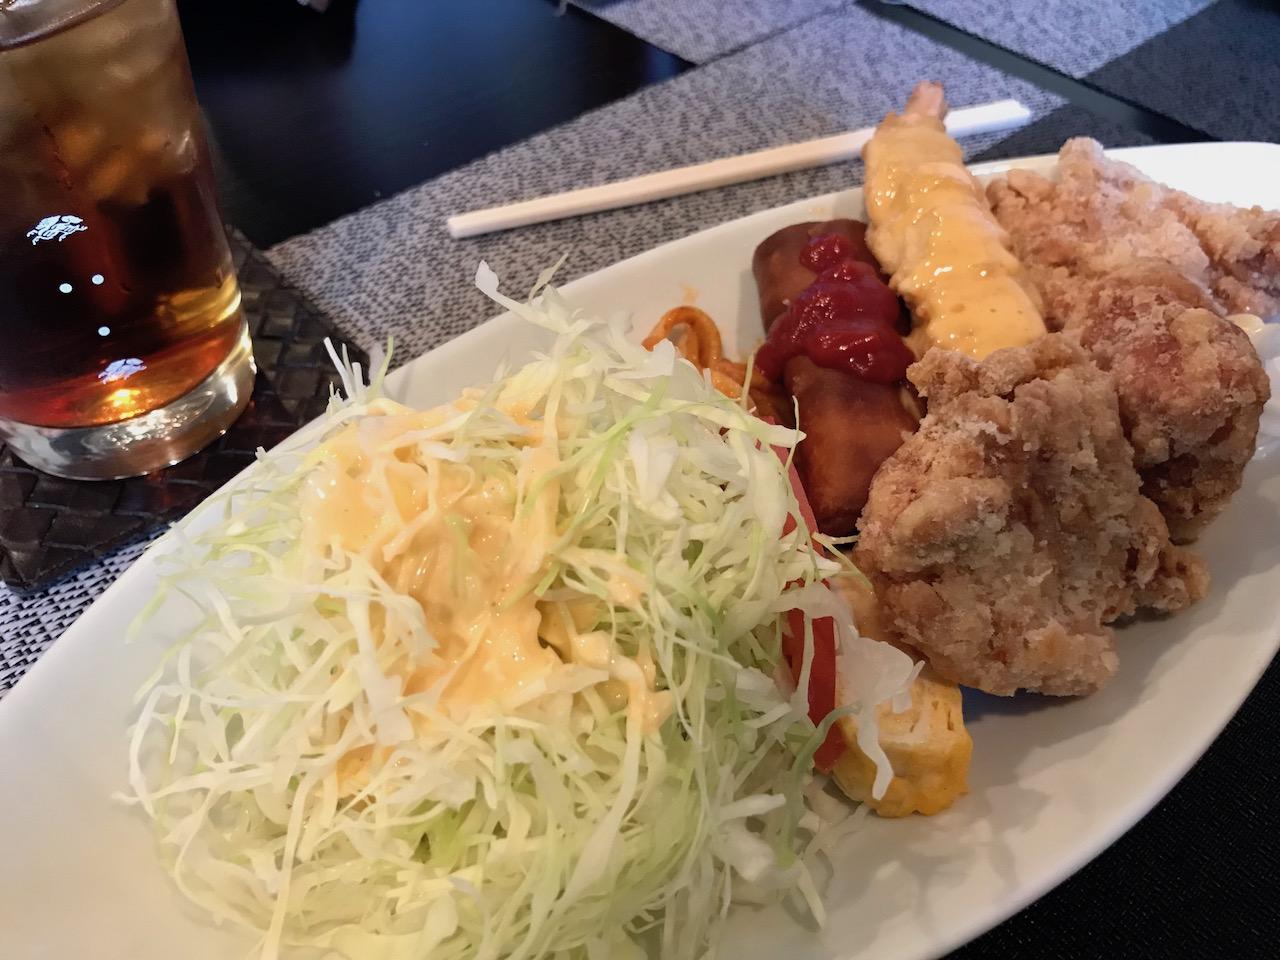 三宮駅前のひびき家でランチ!久しぶりに行くとメニューの雰囲気が変わっていた?